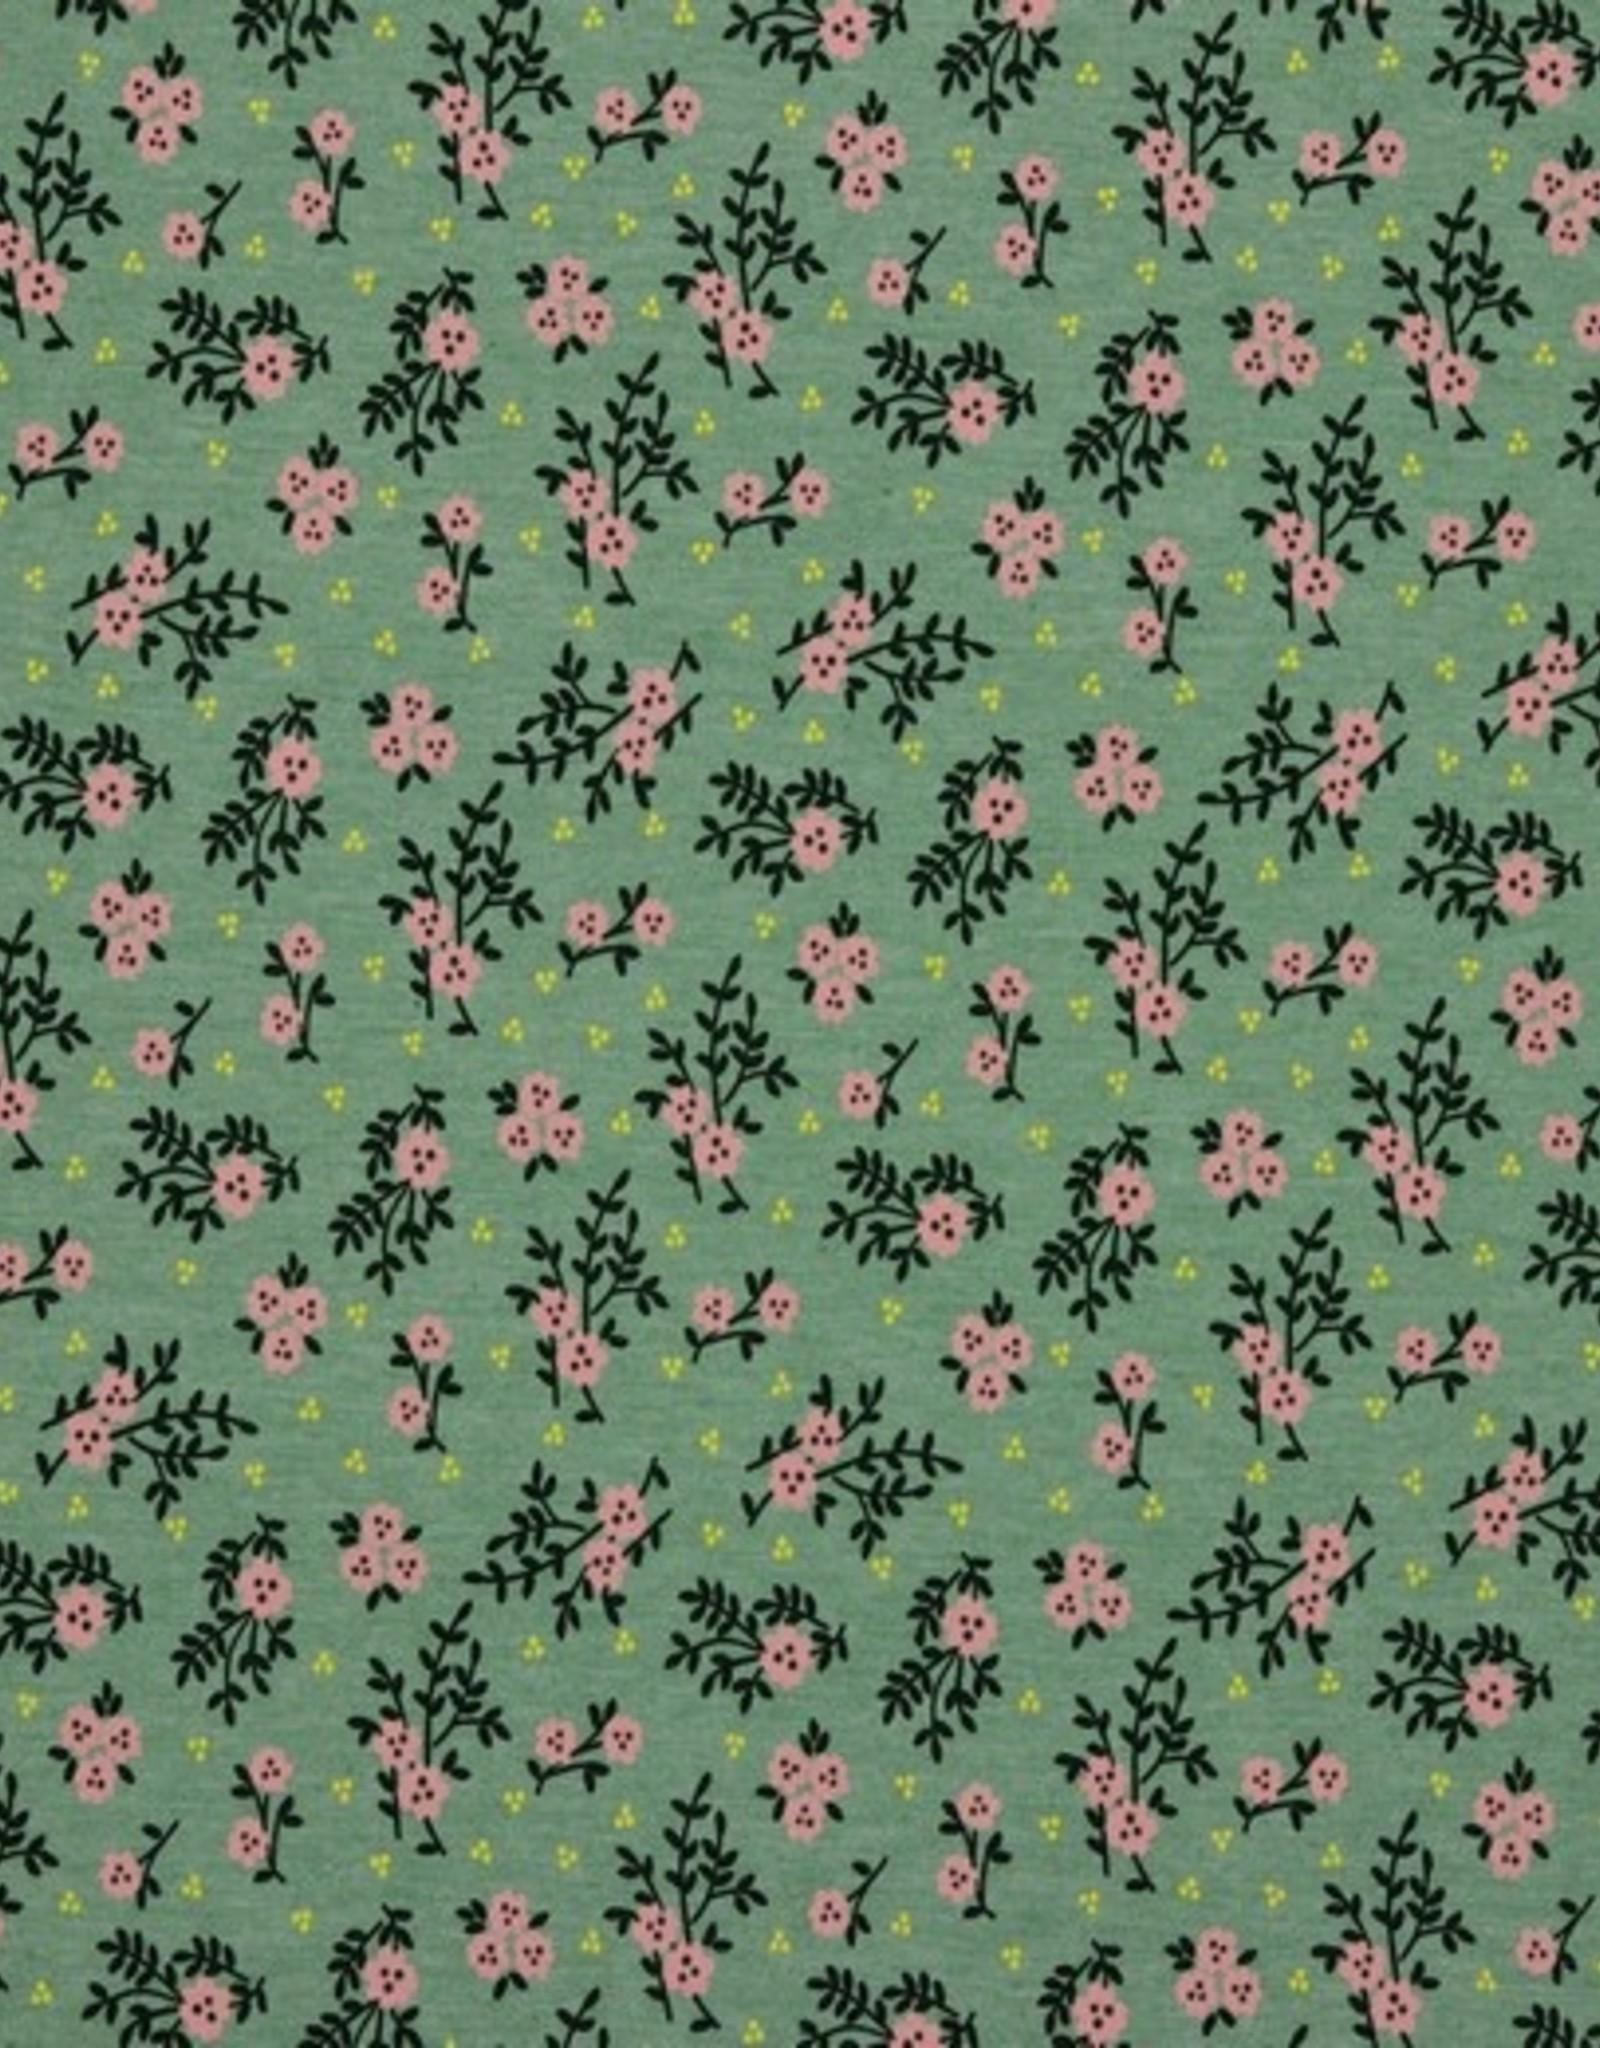 Poppy Jersey pink flowers darkmint*